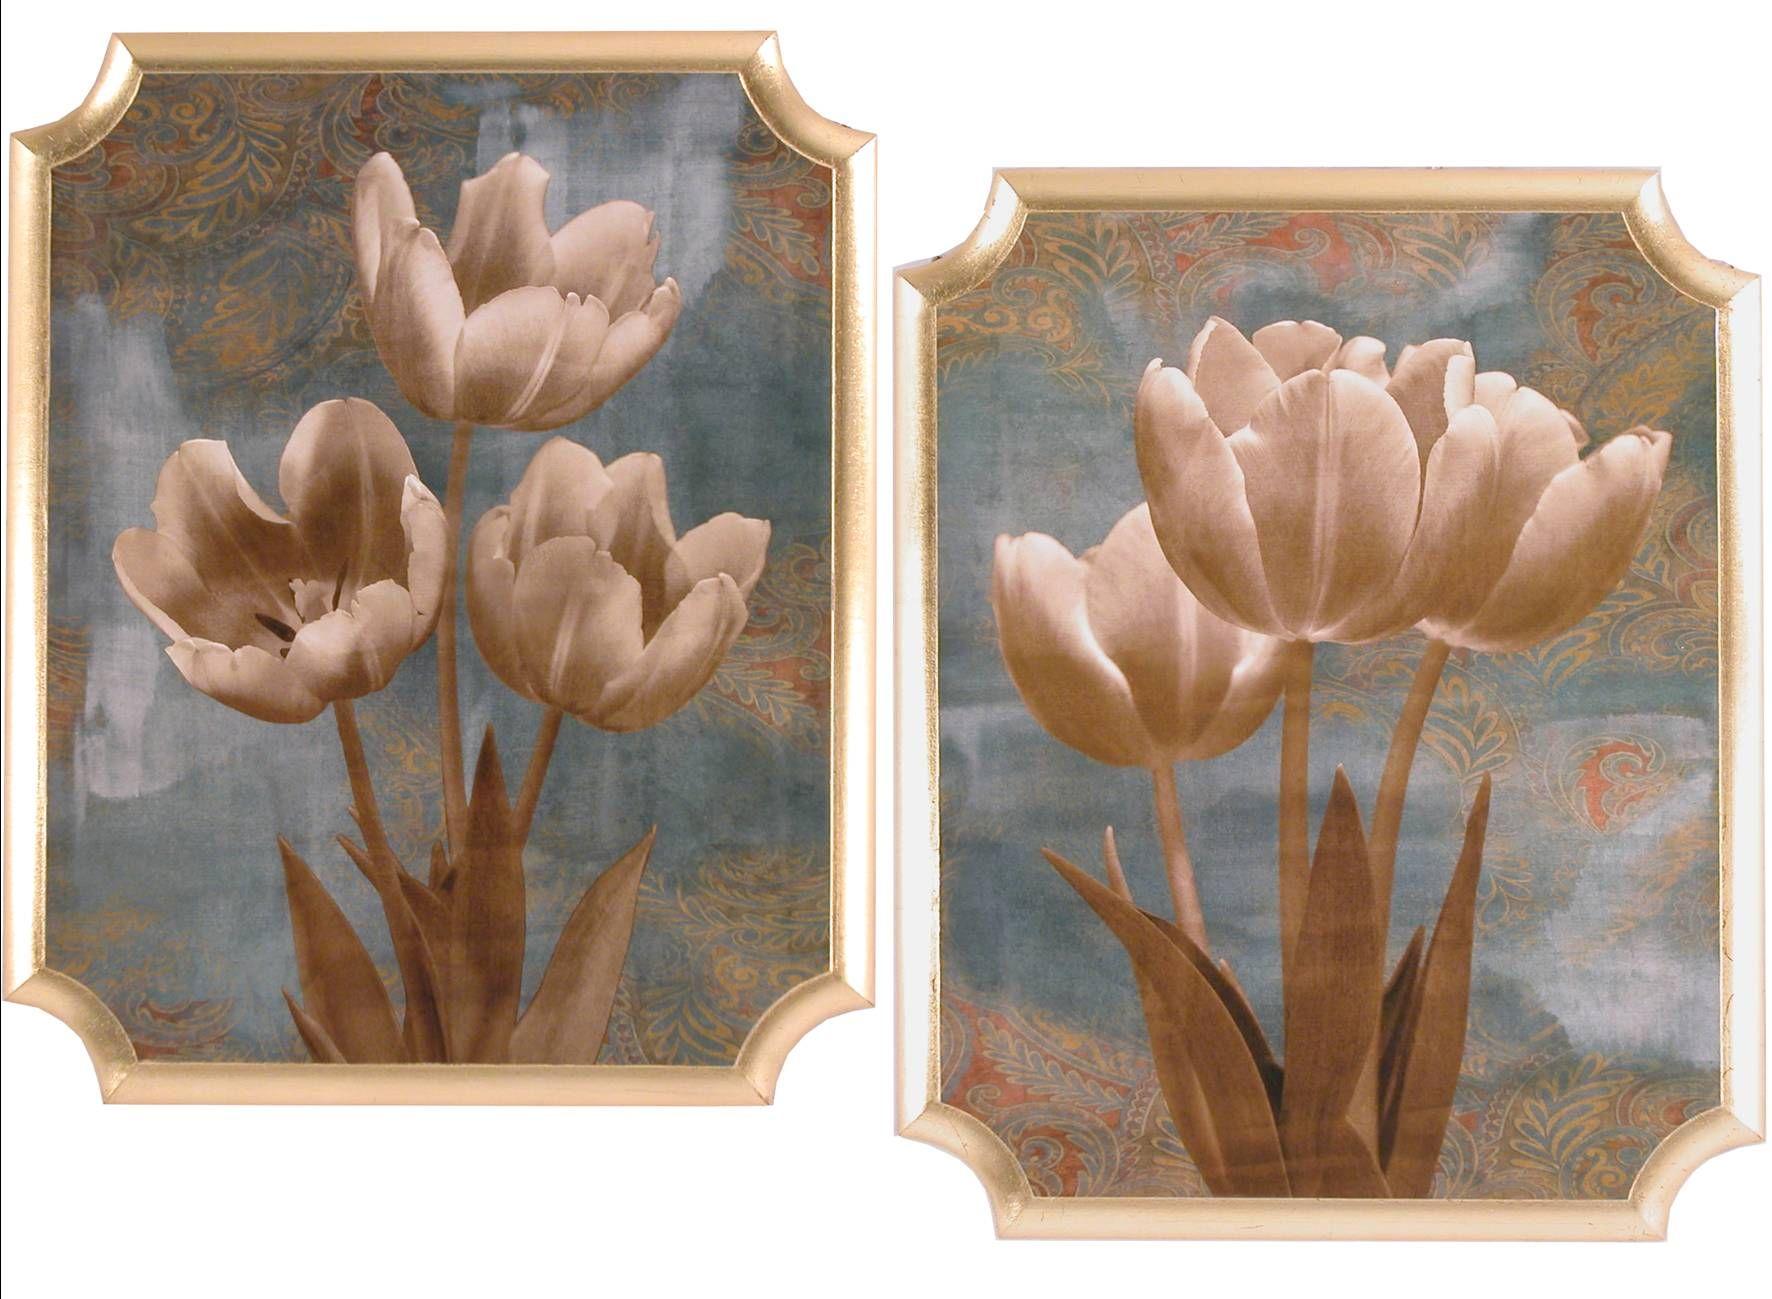 I quadri in legno con esterno dorato a foglia e raffiguranti ...